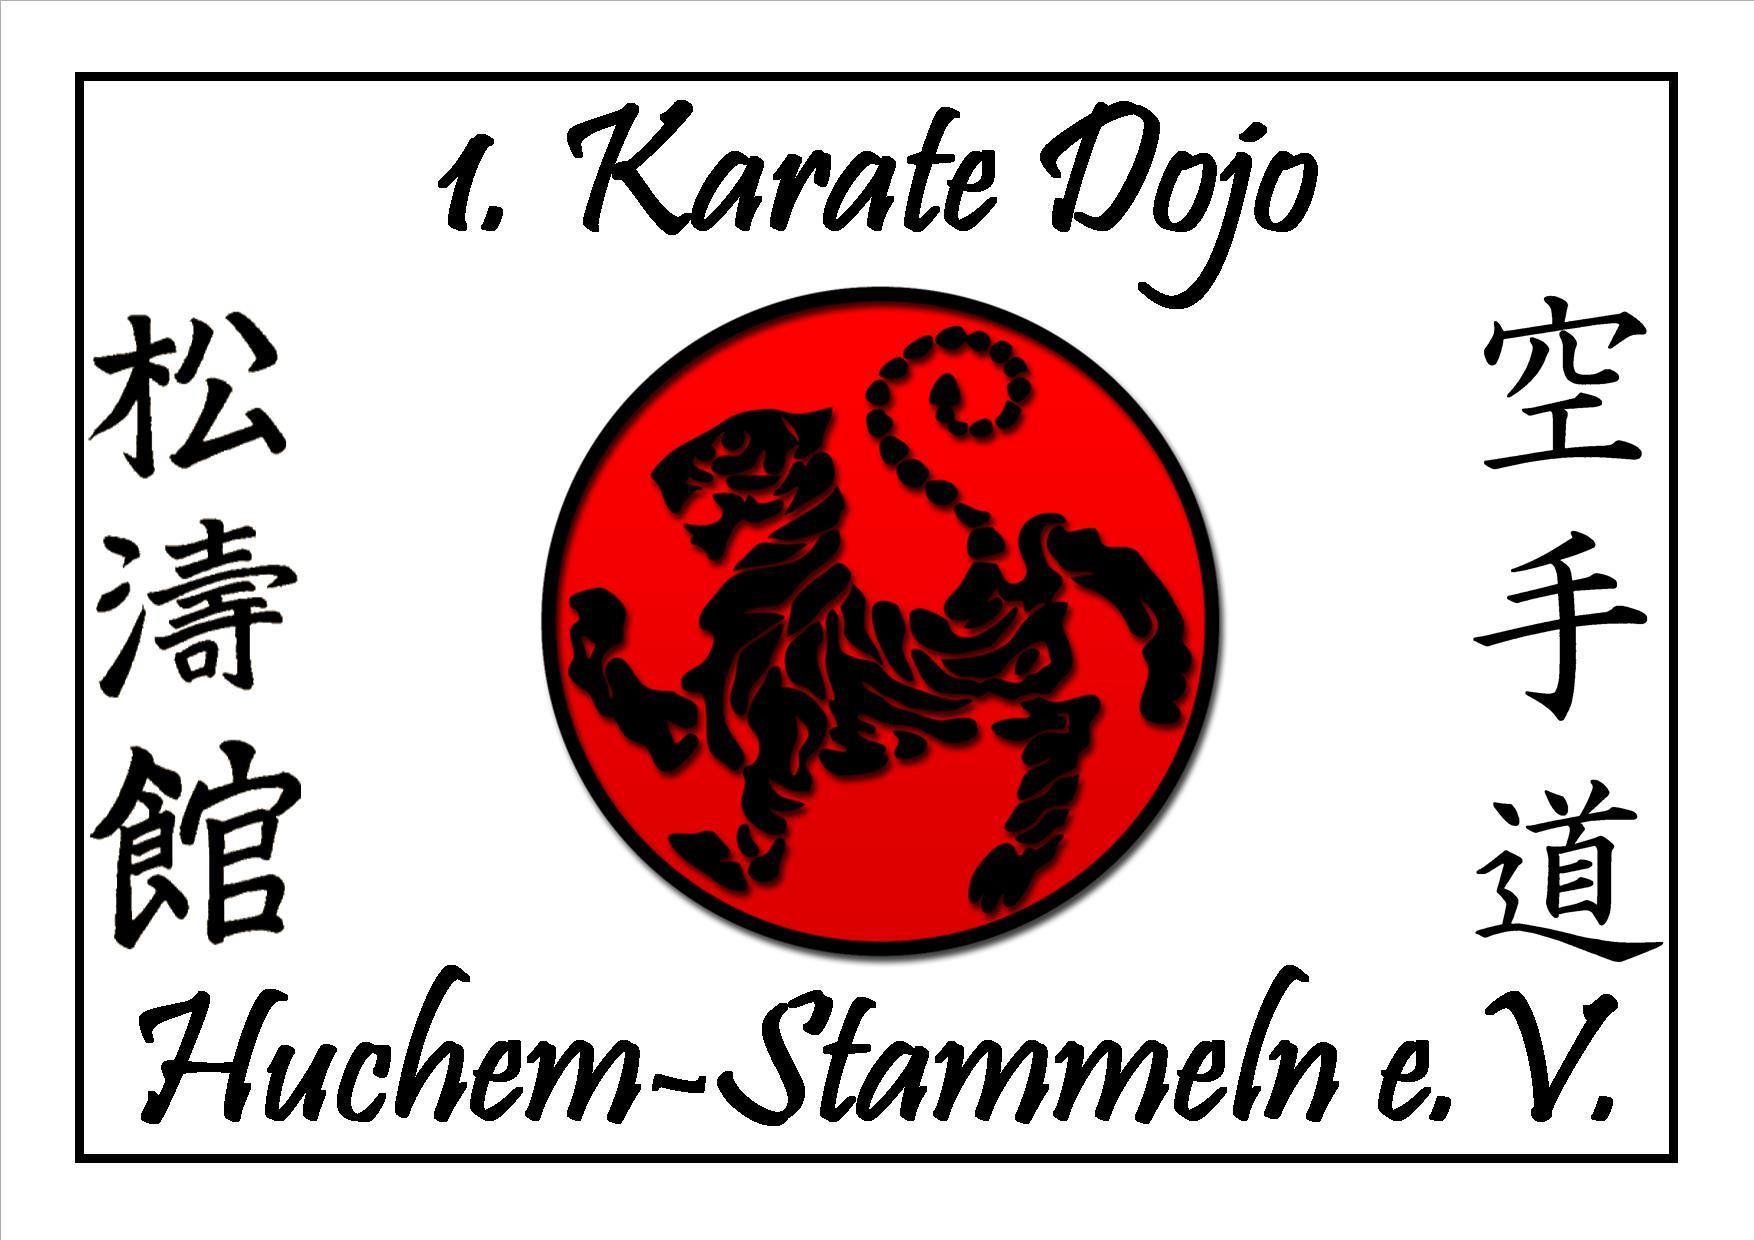 1. Karate Dojo Huchem-Stammeln e.V.